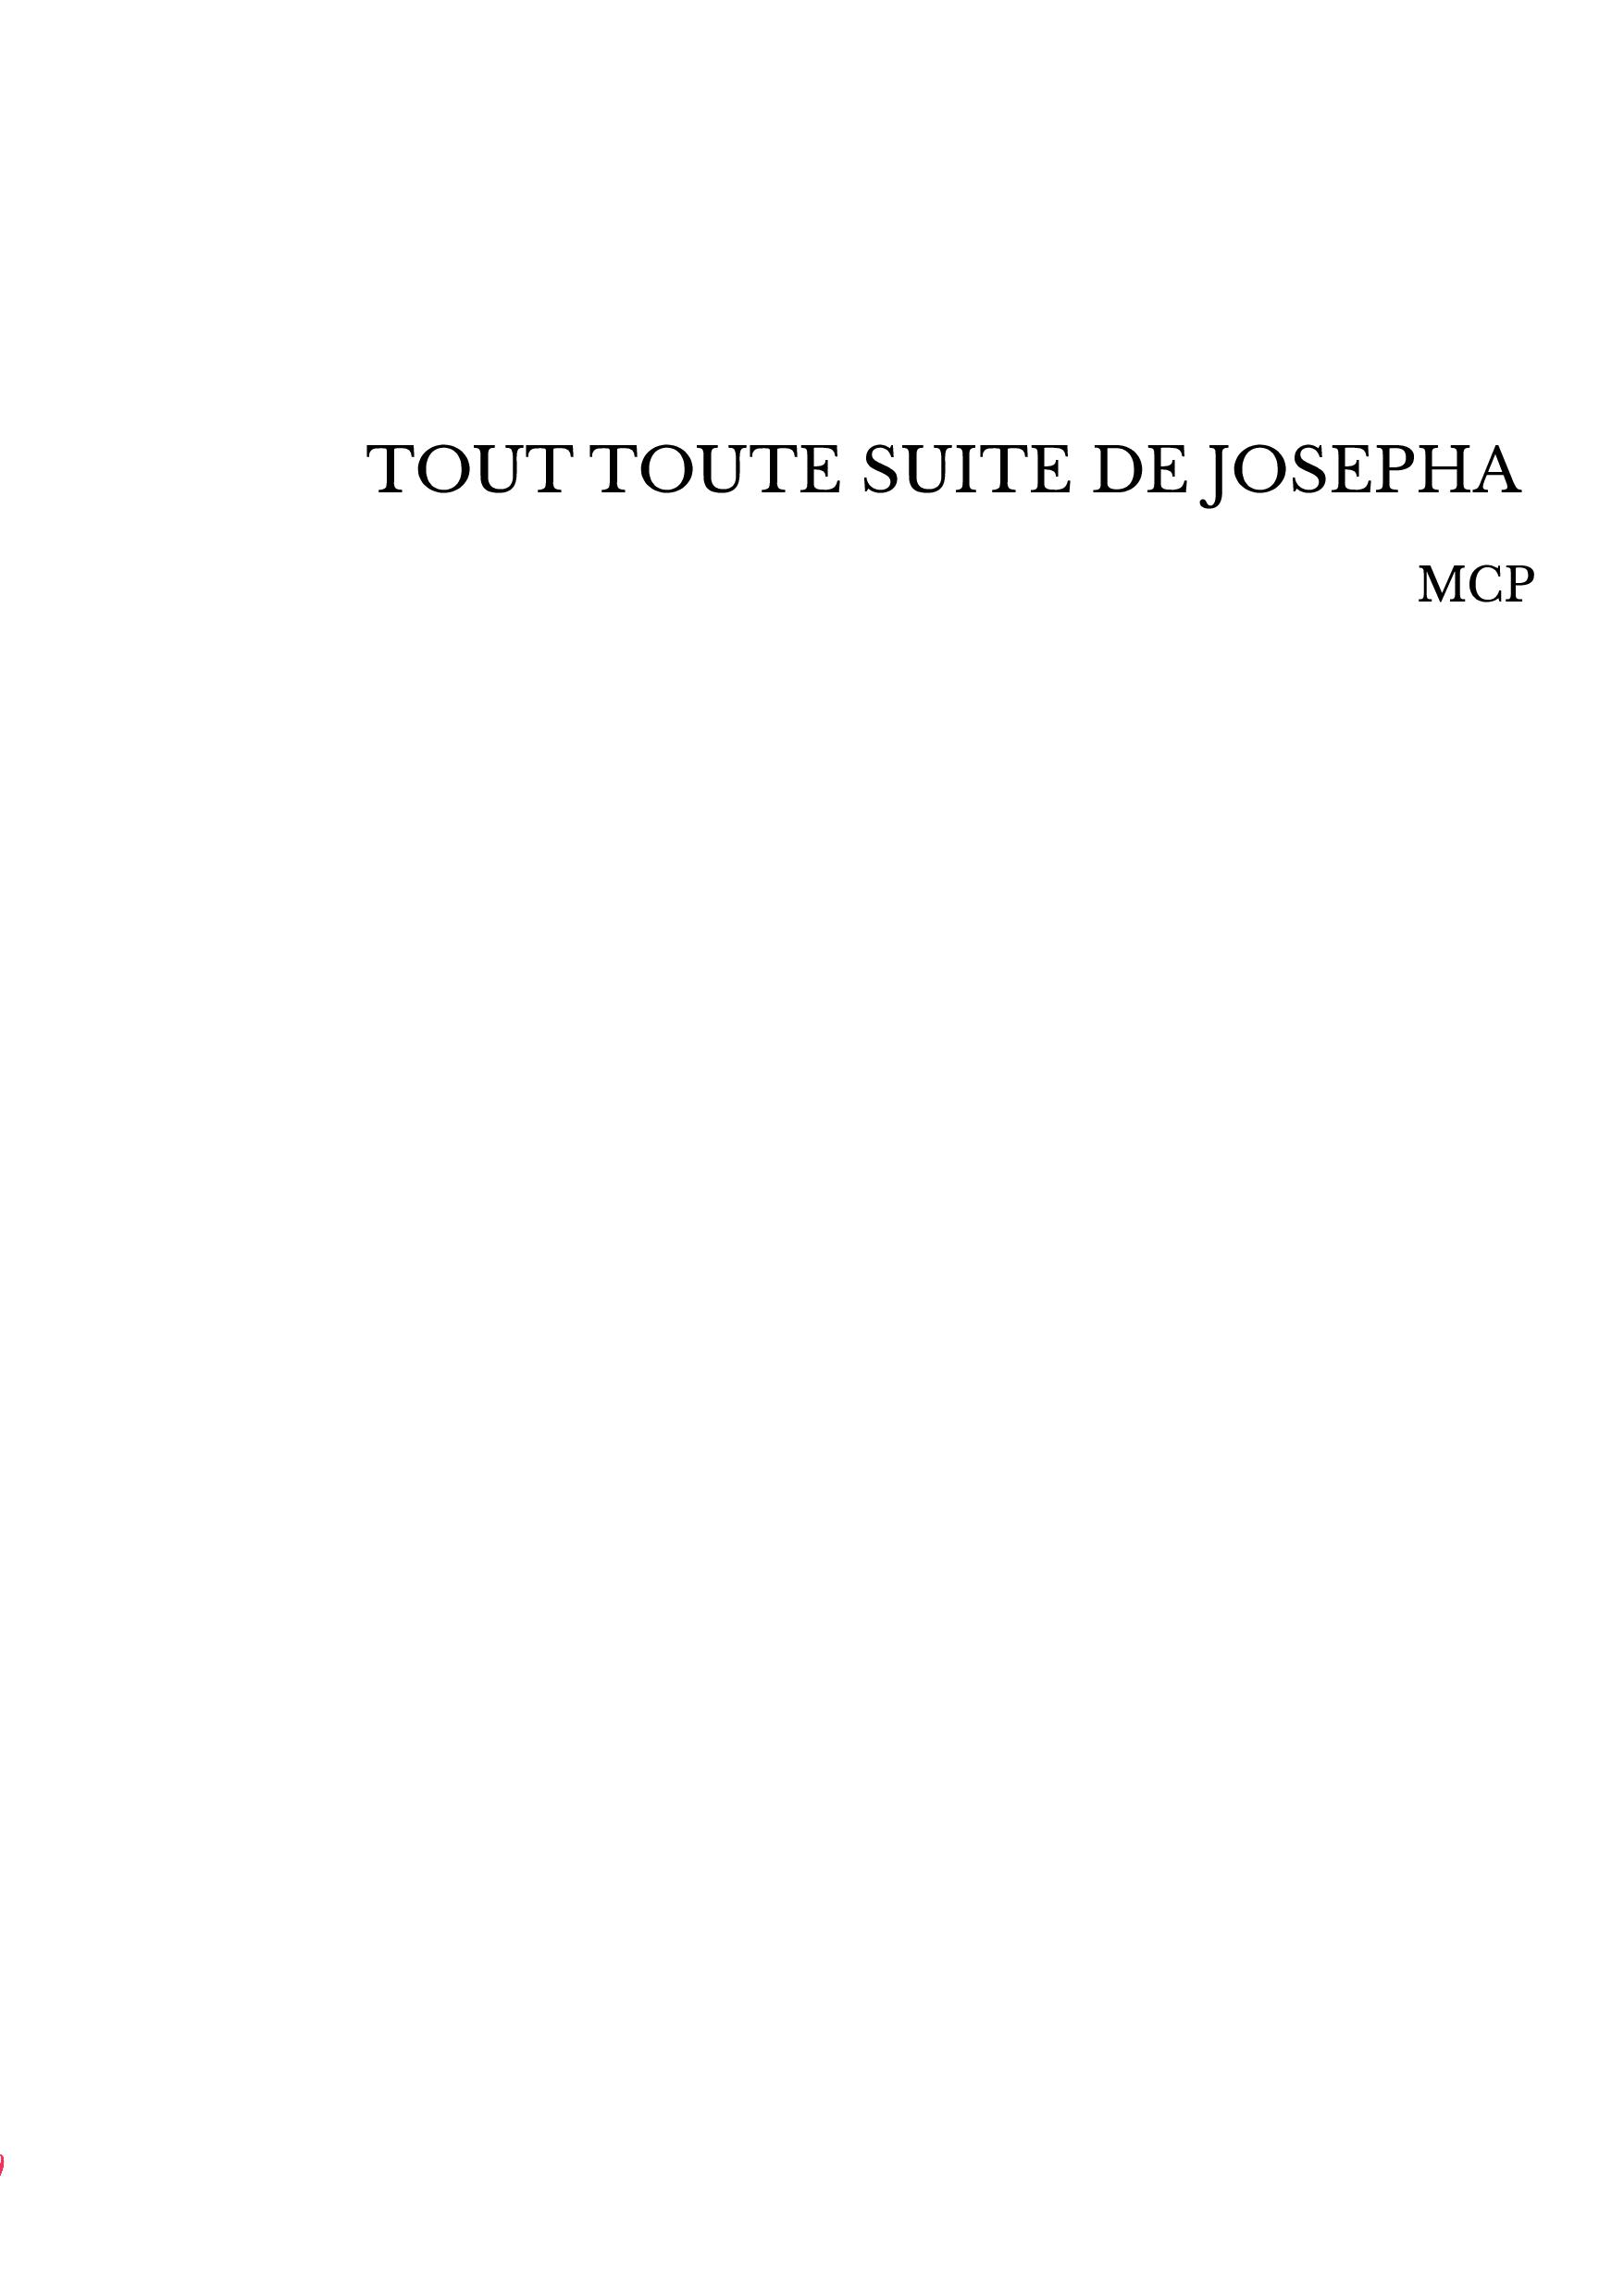 TOUT TOUTE SUITE DE JOSEPHA